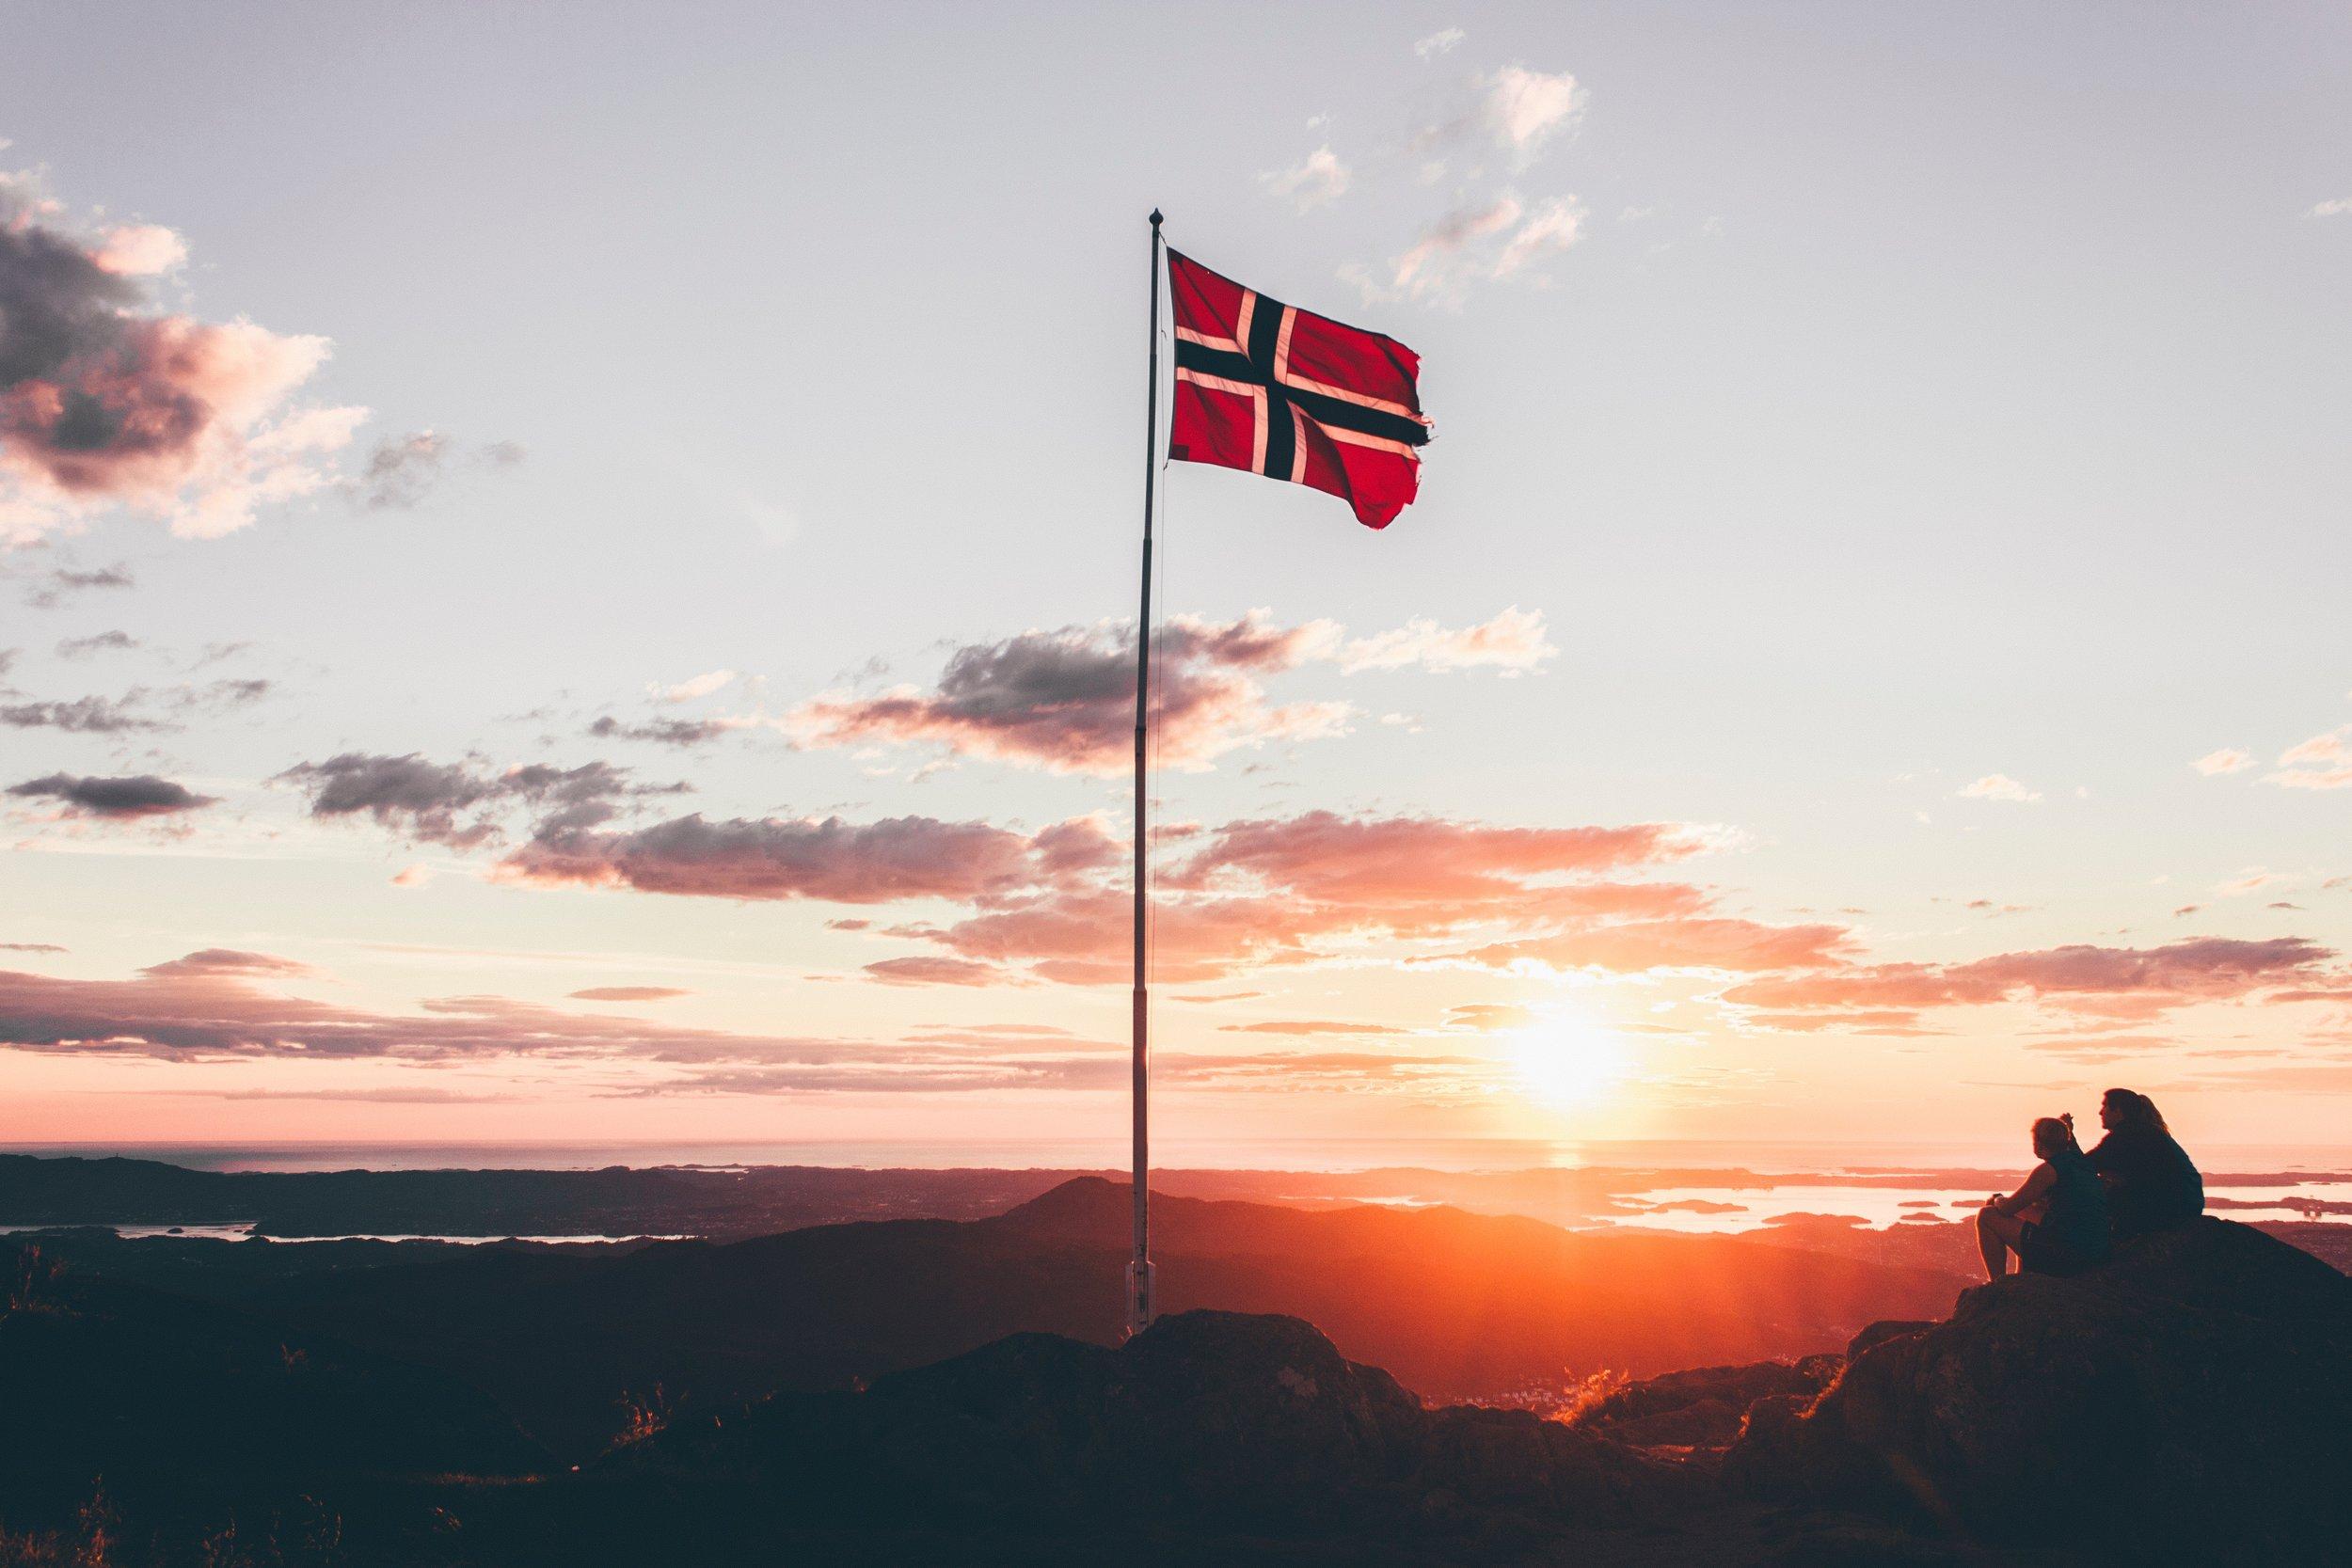 Noreg - Norski javnstøðupolitikkurin hevur sum mál, at øll skulu hava somu møguleikar og sama frælsi at taka sínar egnu avgerðir, óknýtt at kyni, uppruna, átrúnaði, førleika og seksuellari orientering.